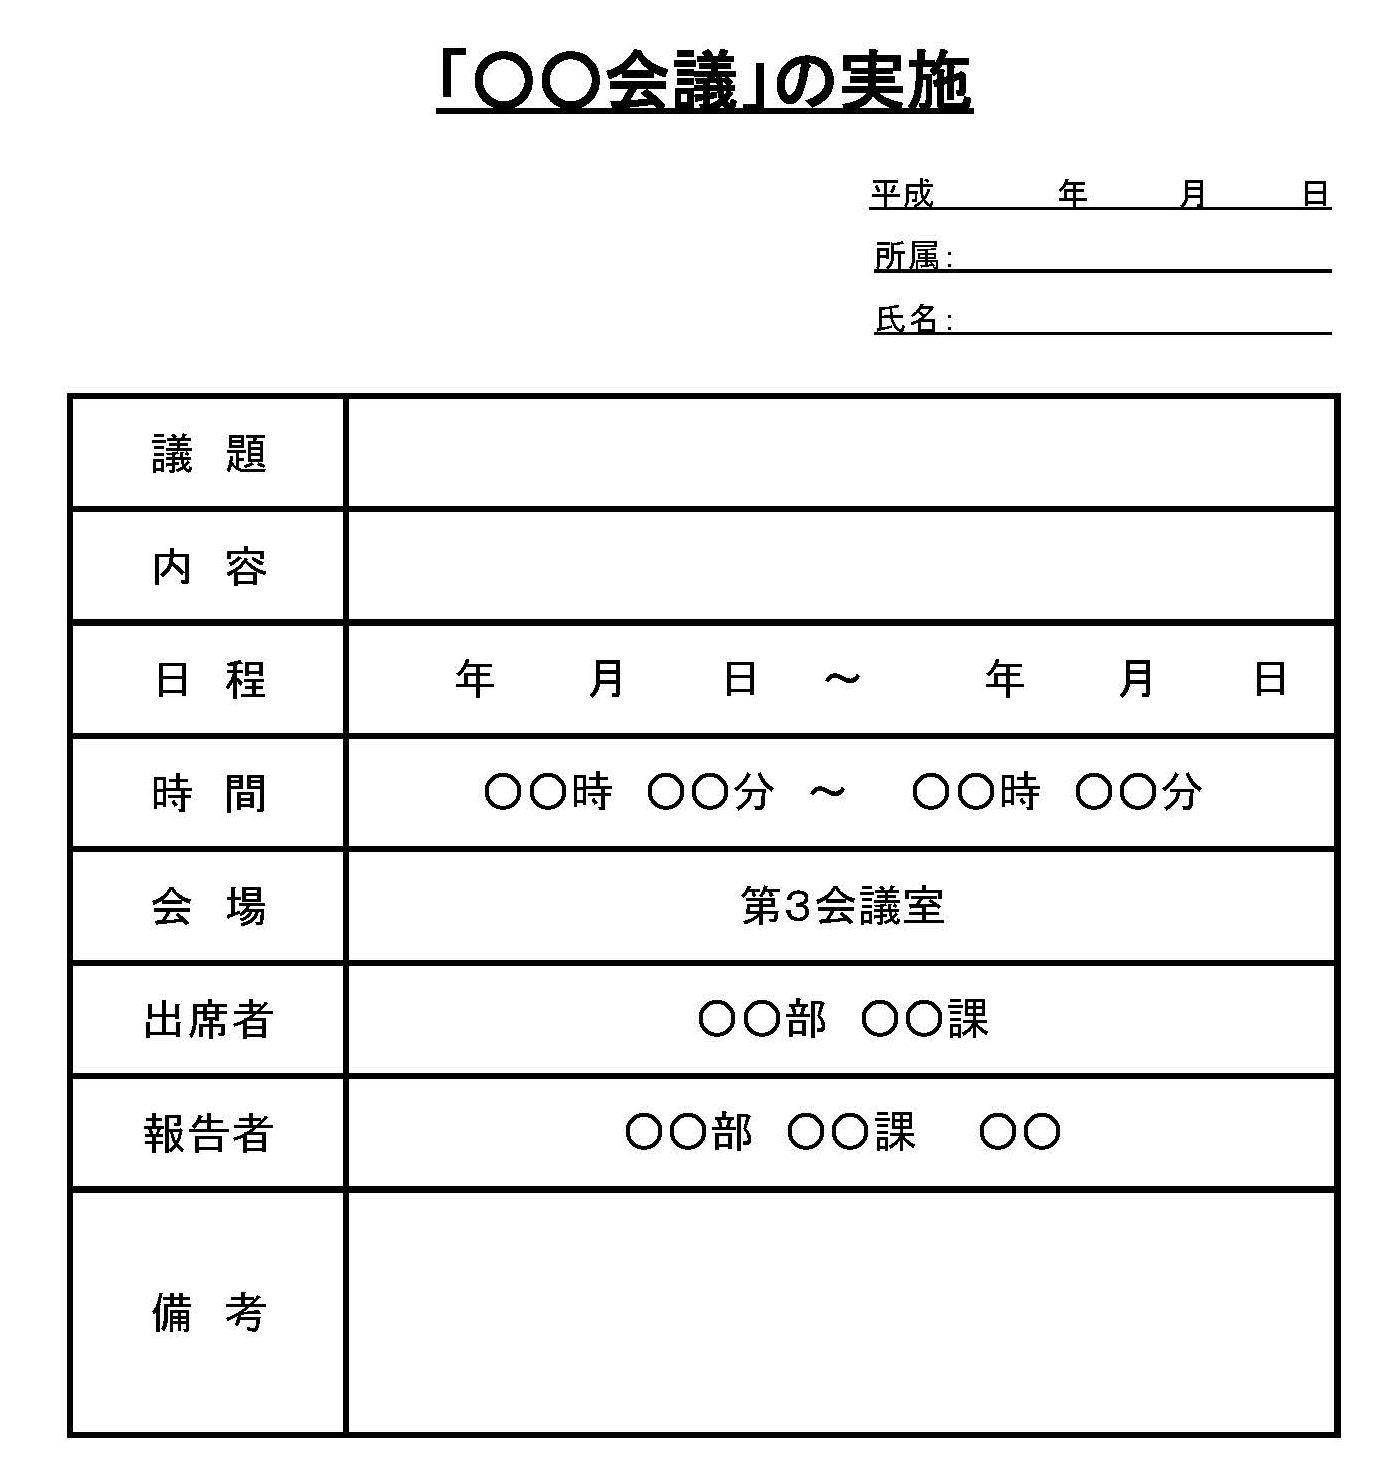 会員登録不要で無料でダウンロードできる議事録のテンプレート書式